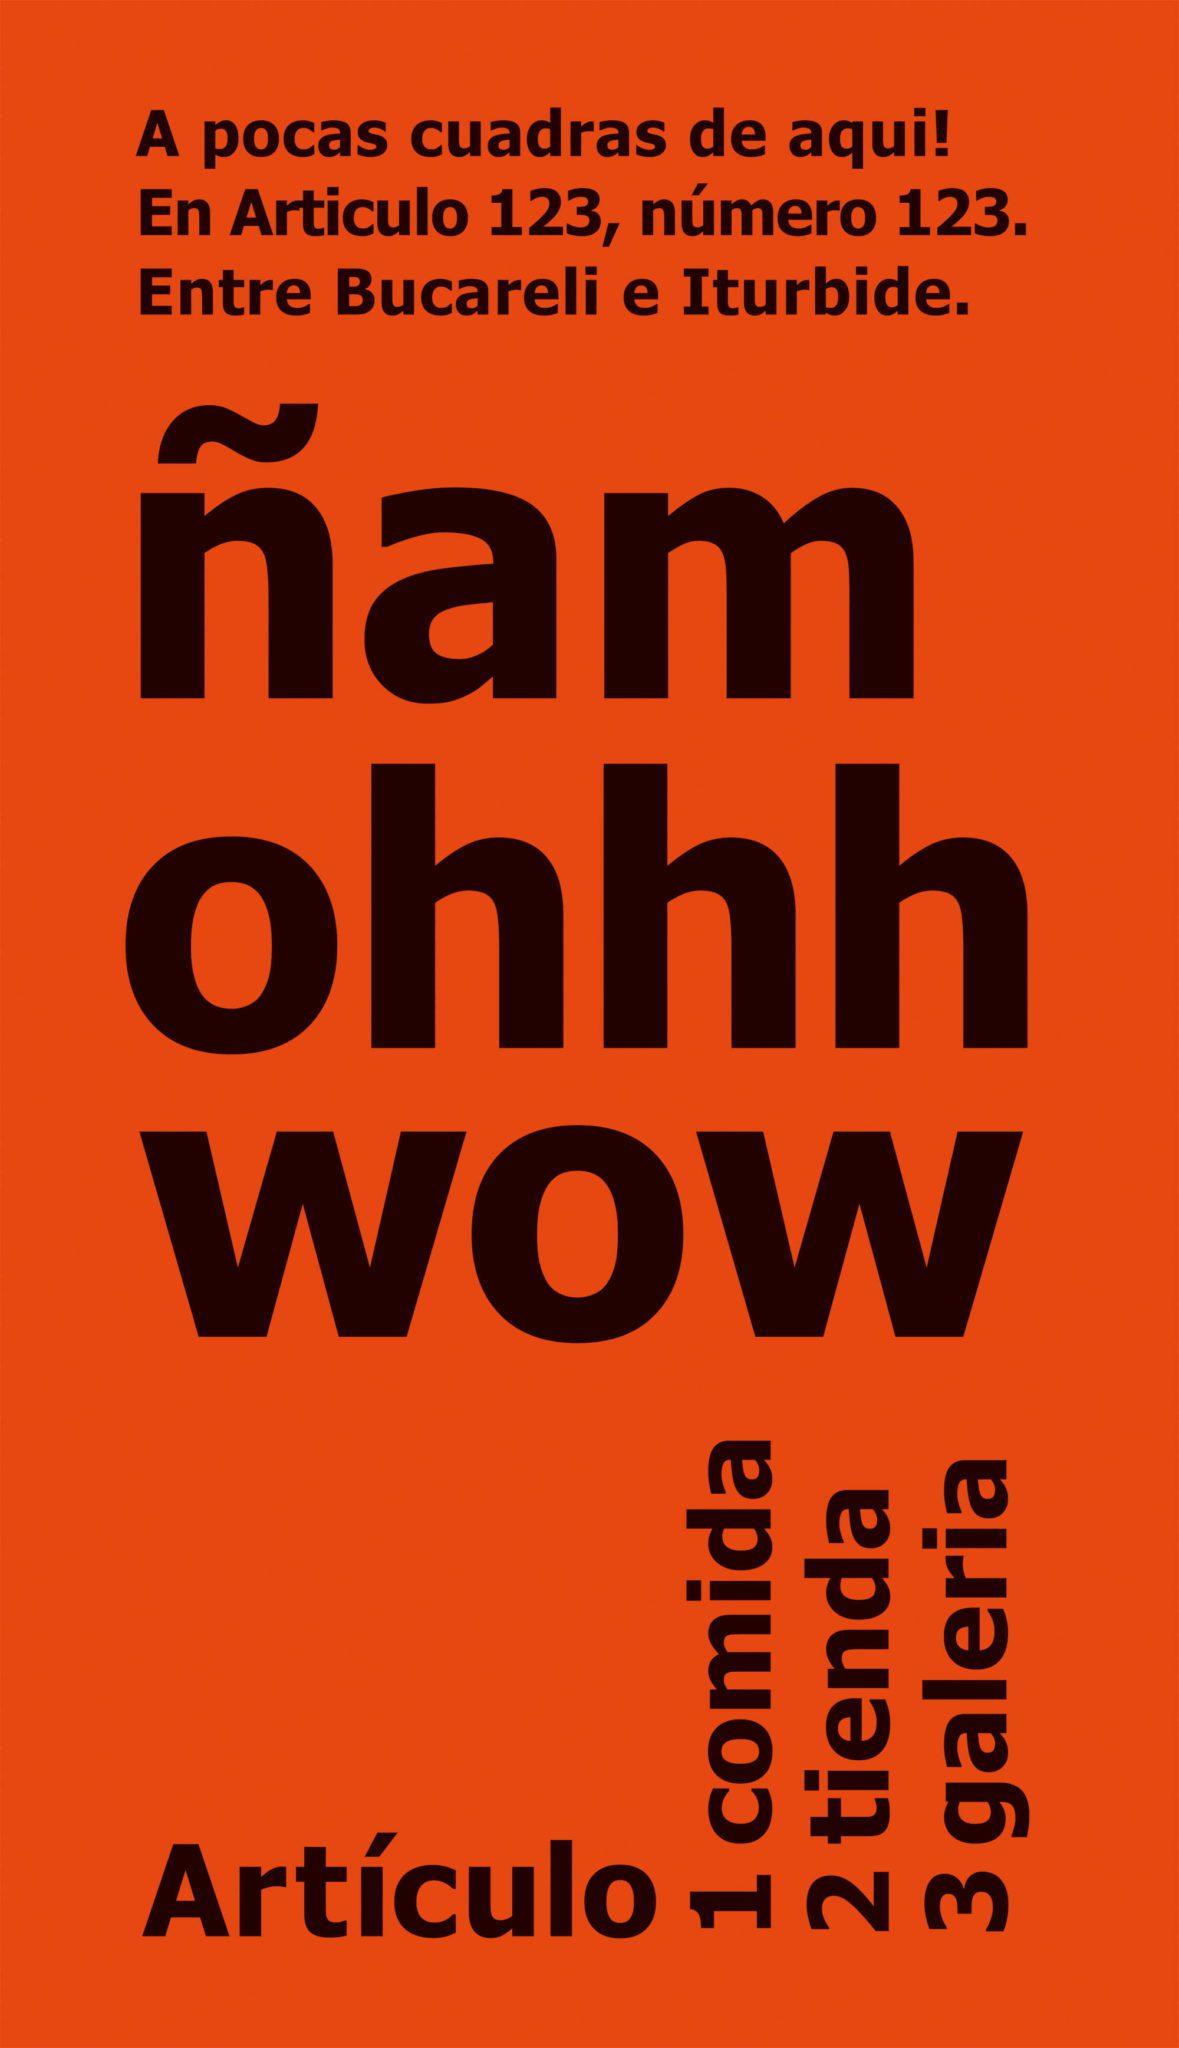 ñam ohhh wow poster orange dessiné par Ich&Kar pour artículo 123